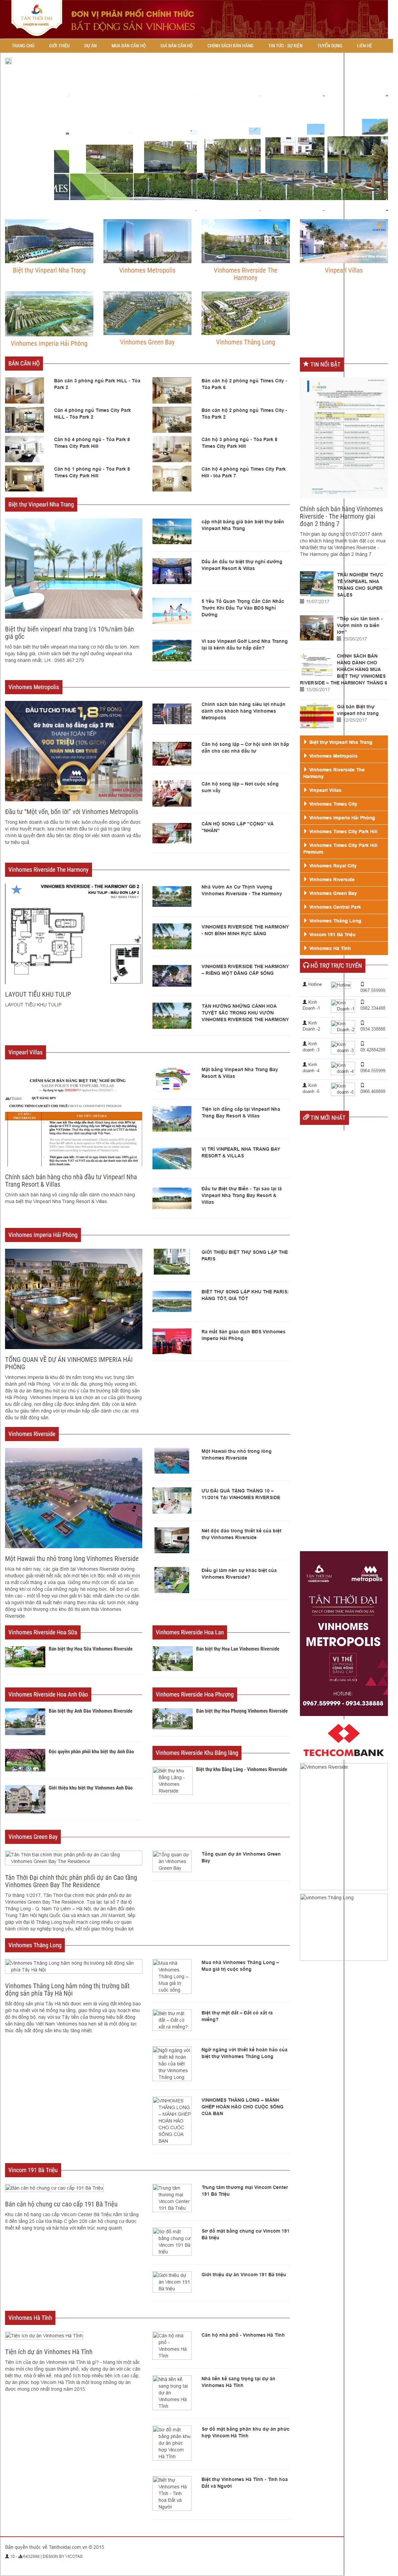 Giao diện website Bất động sản Z - 269